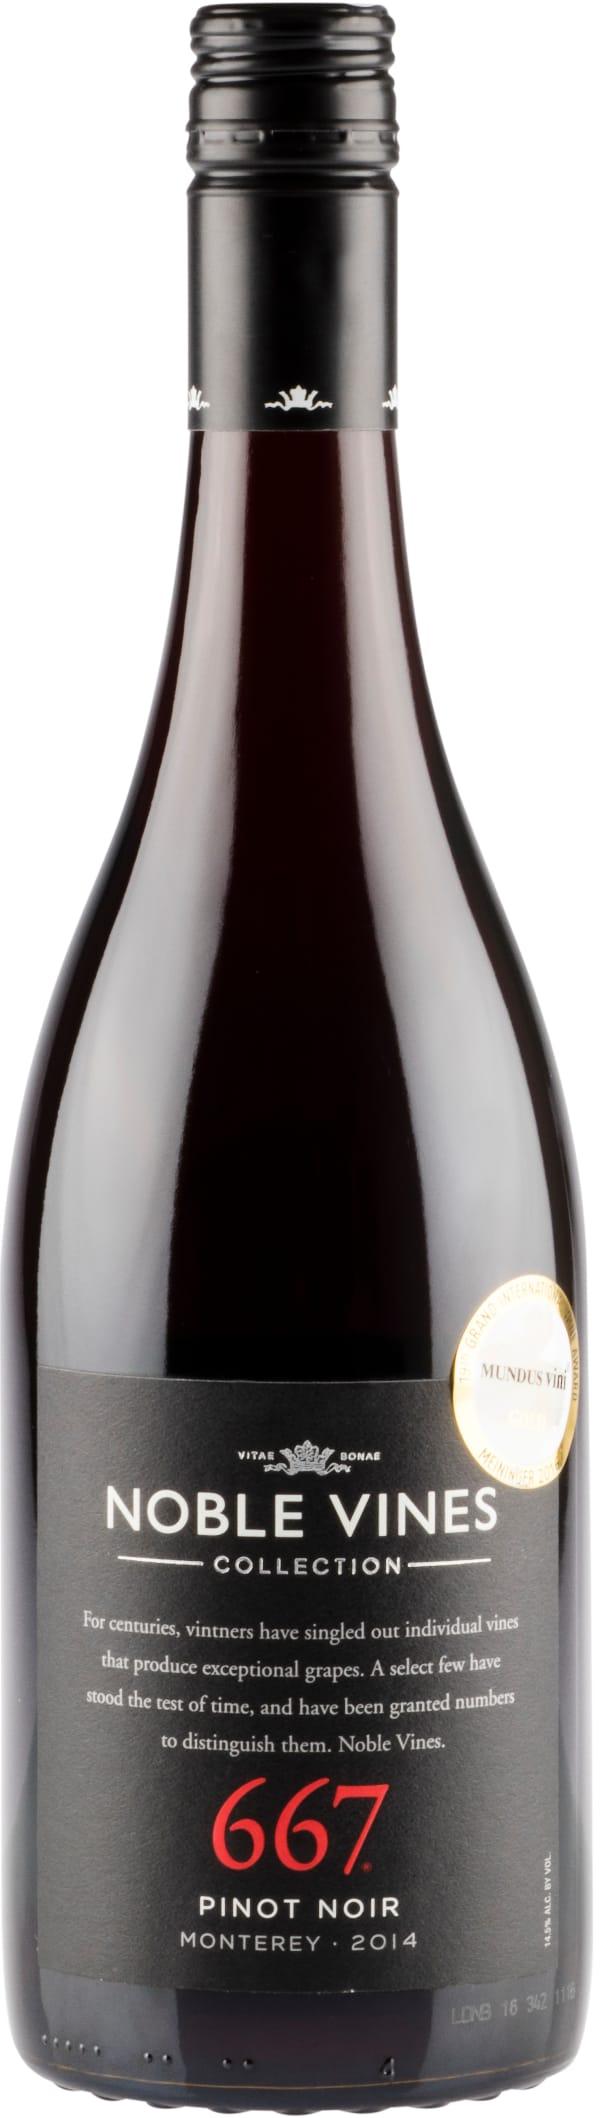 Noble Vines 667 Pinot Noir 2016